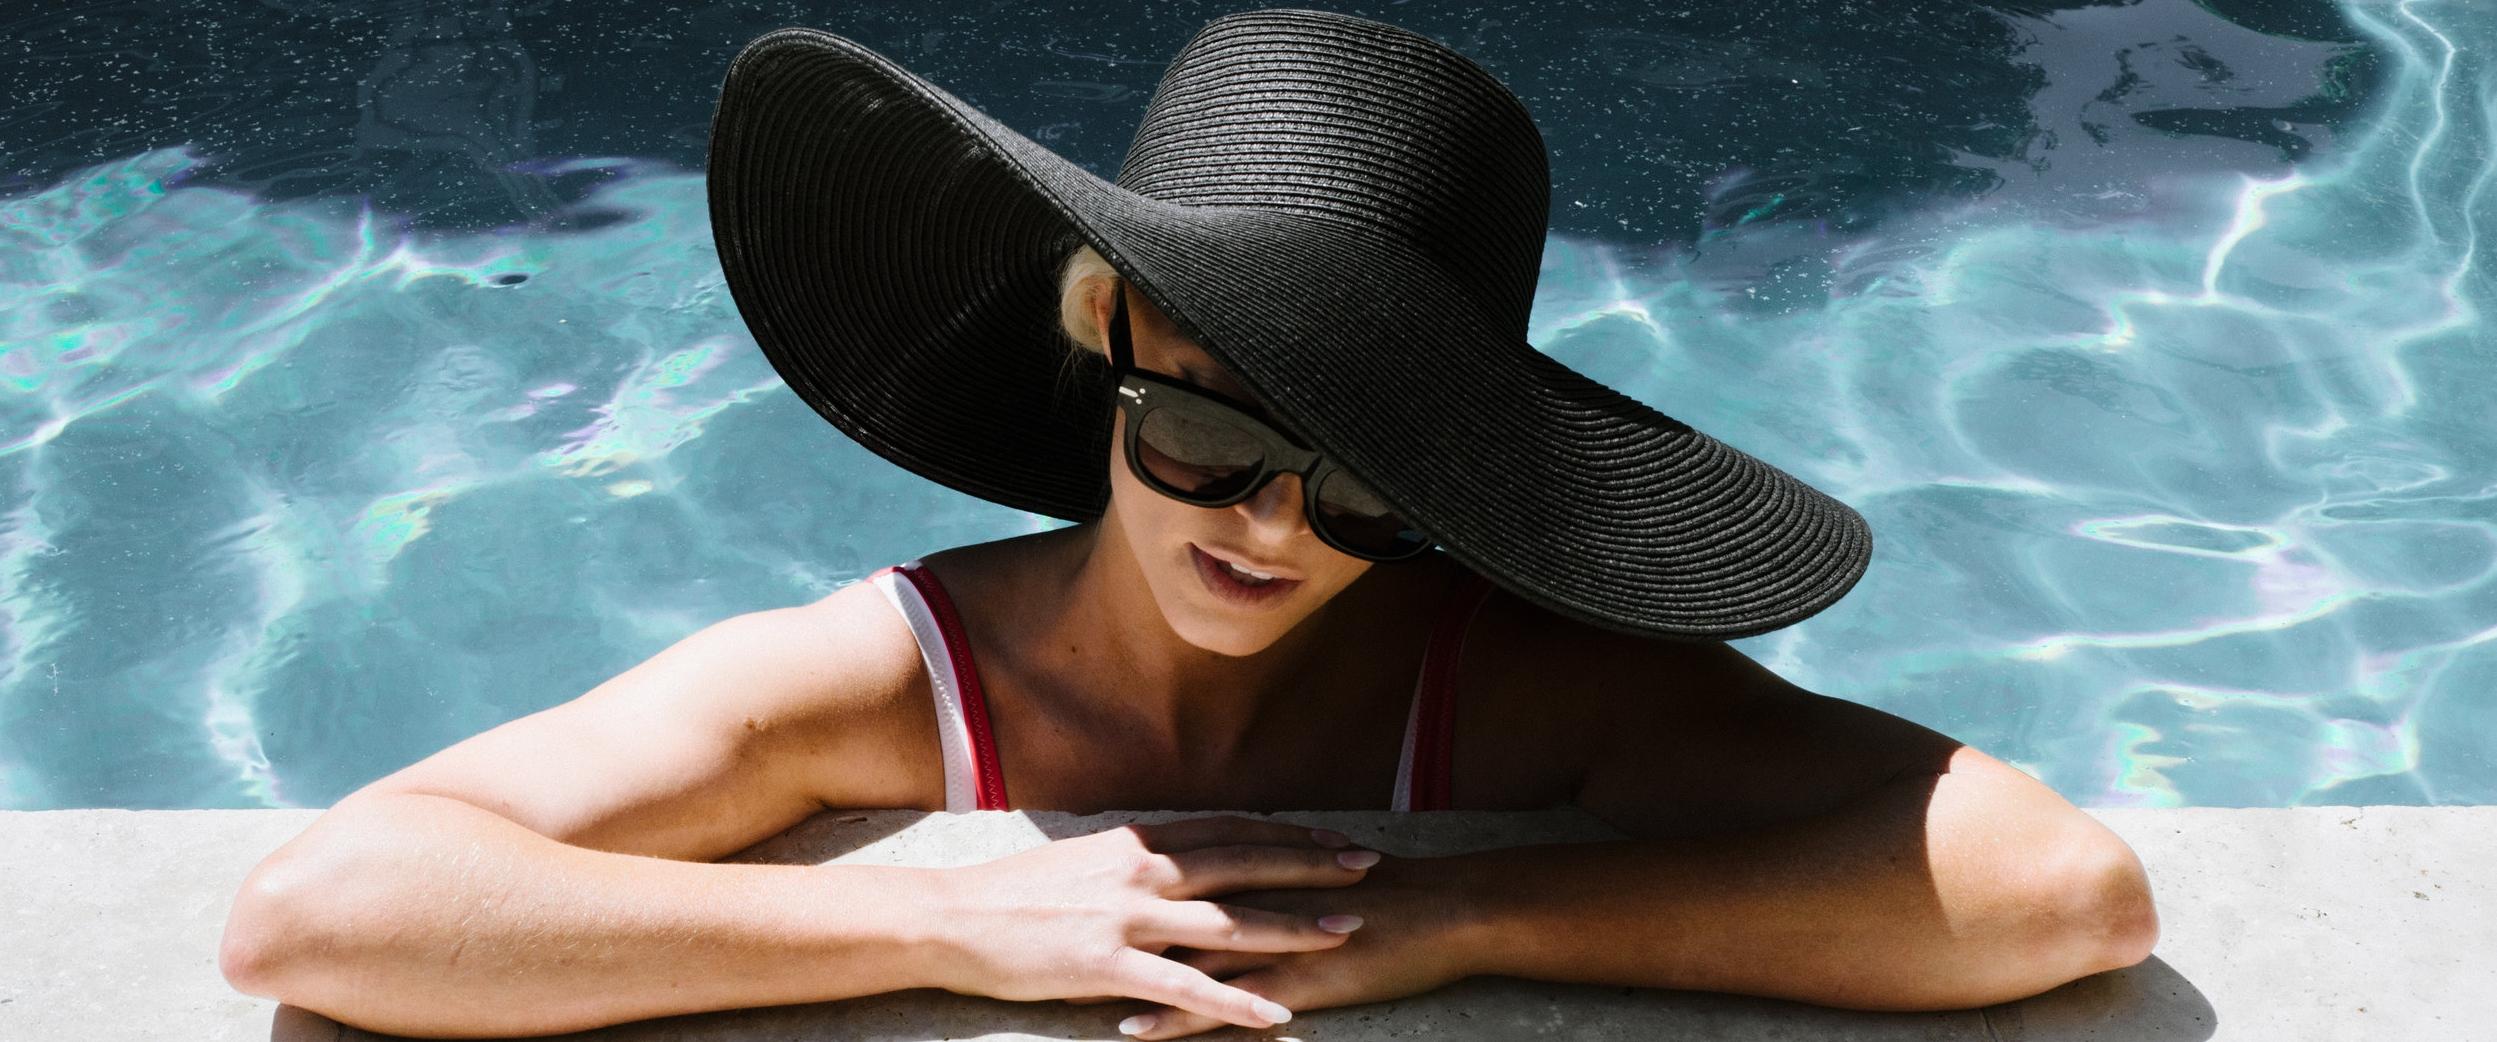 The-Wonderer-Members-Club-Pool-Charleston.jpg